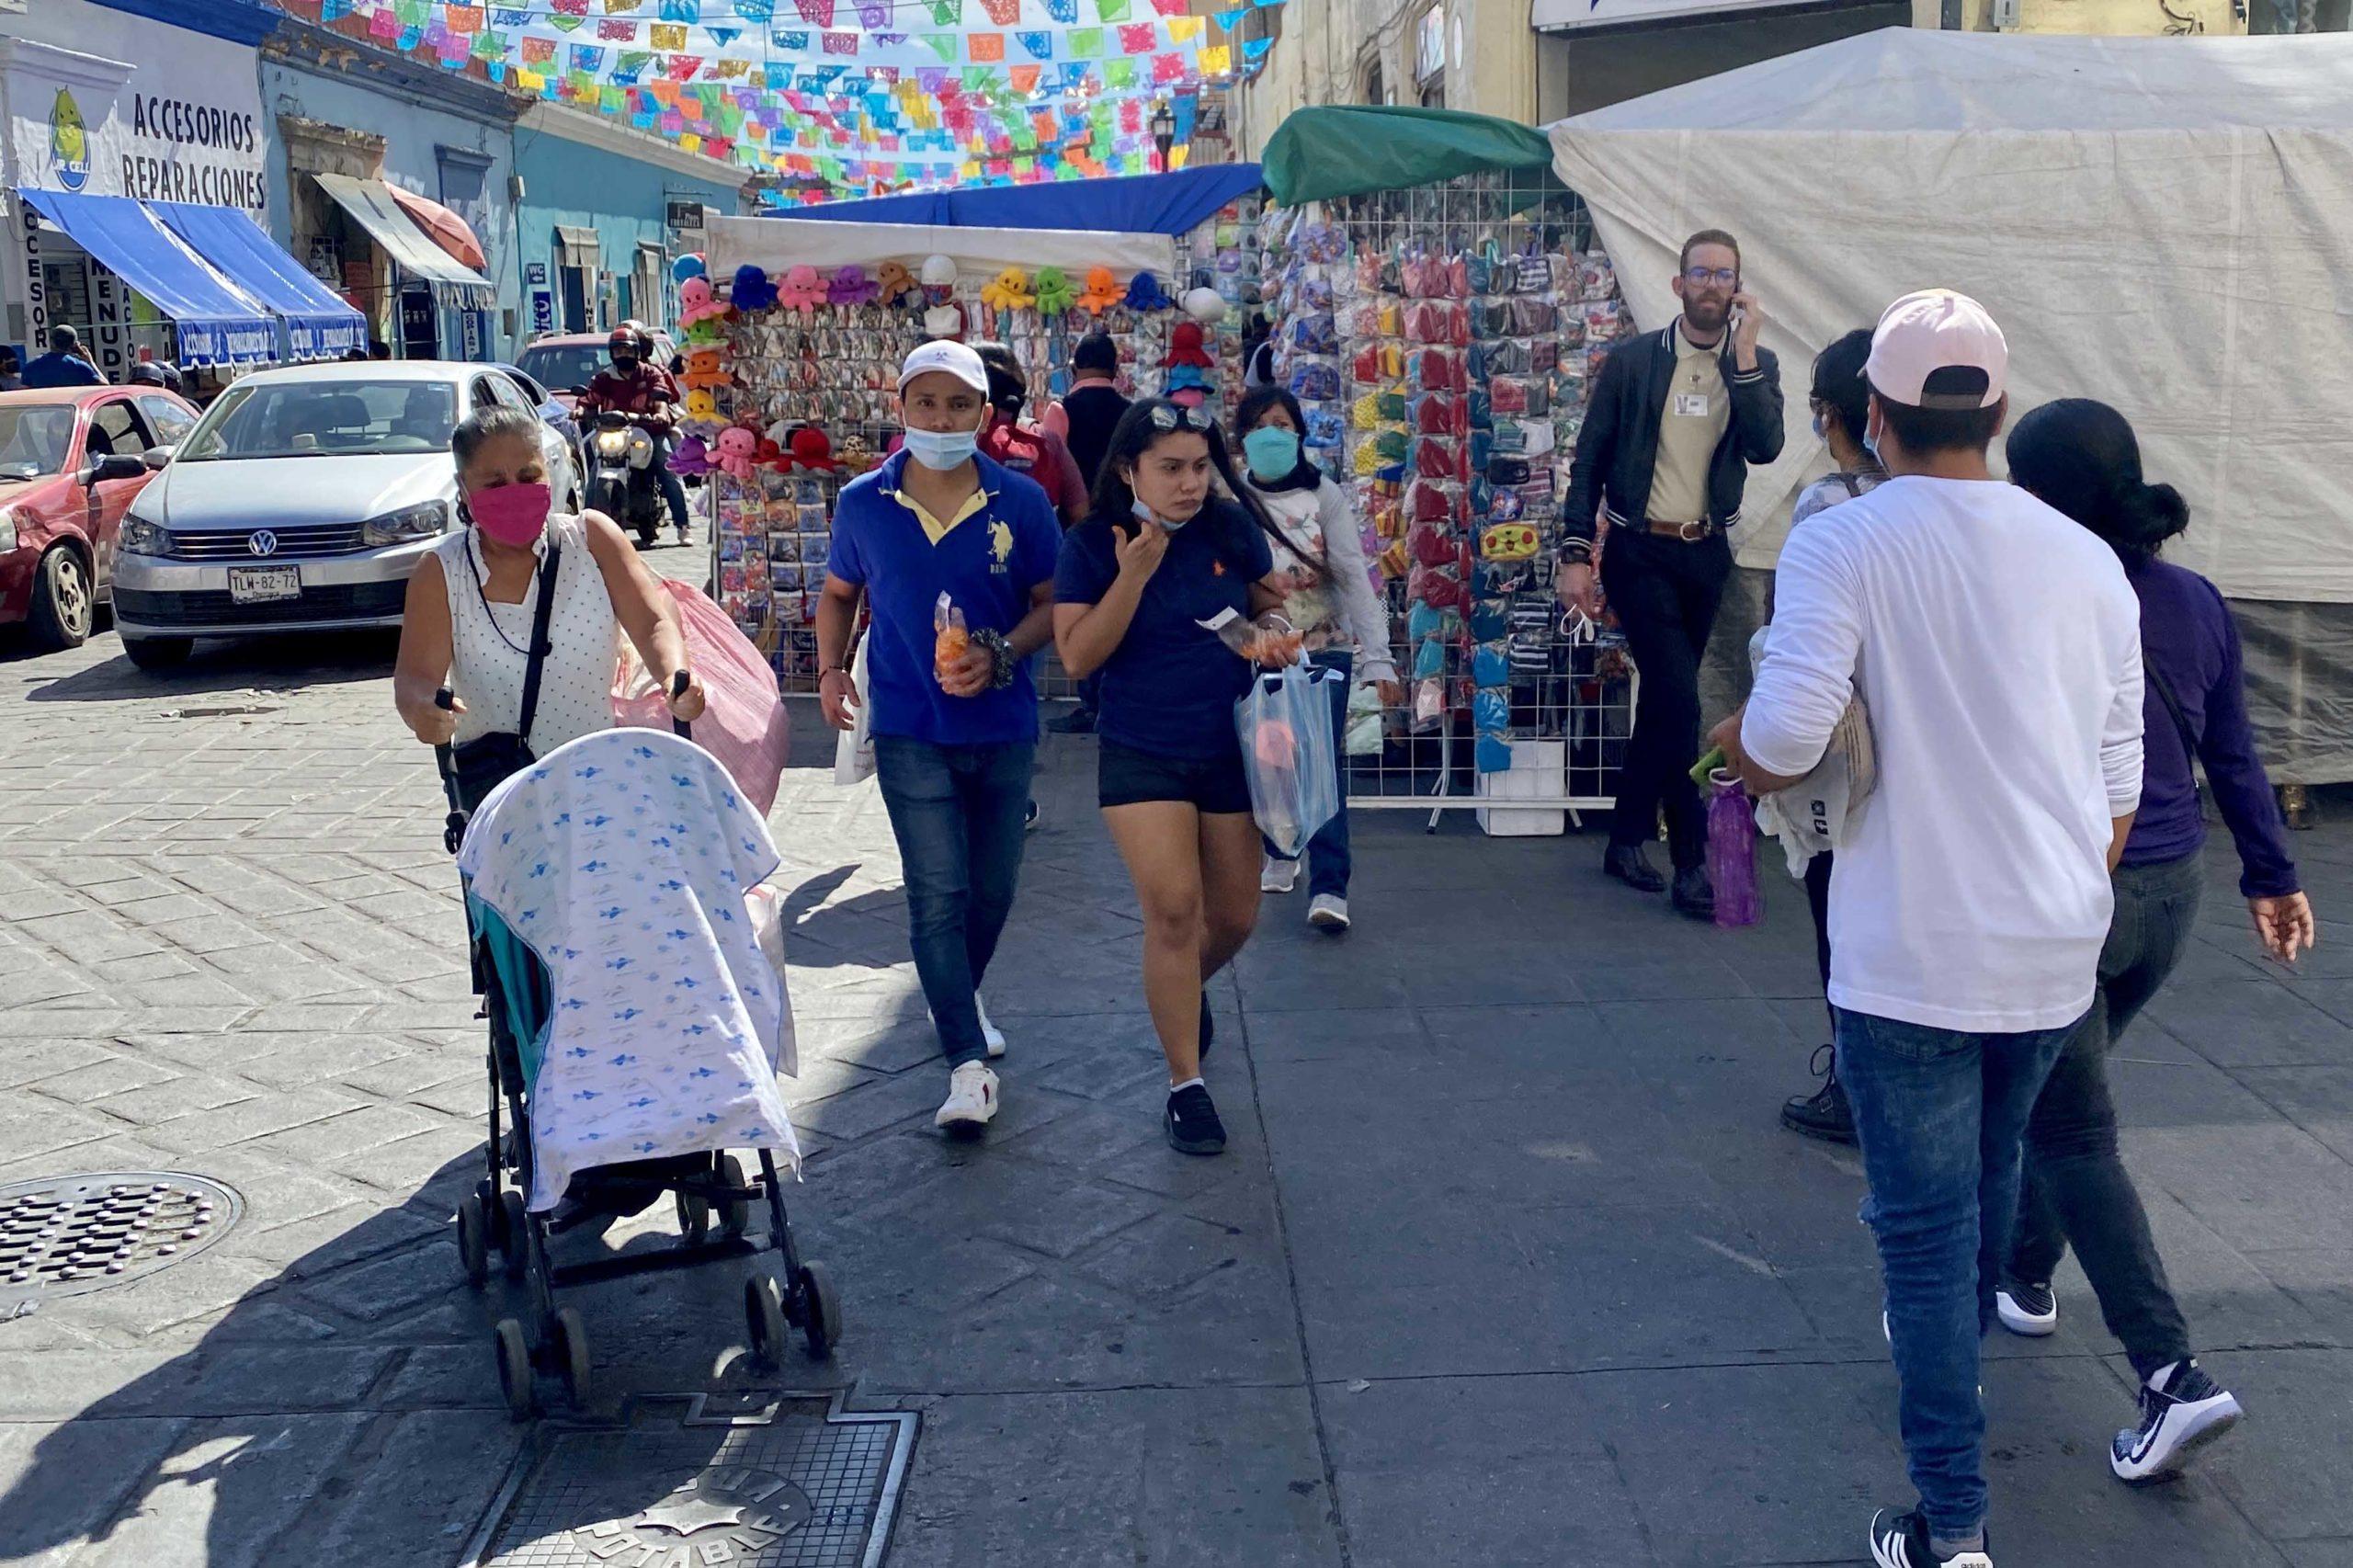 Realizan compras sin medidas sanitarias   El Imparcial de Oaxaca